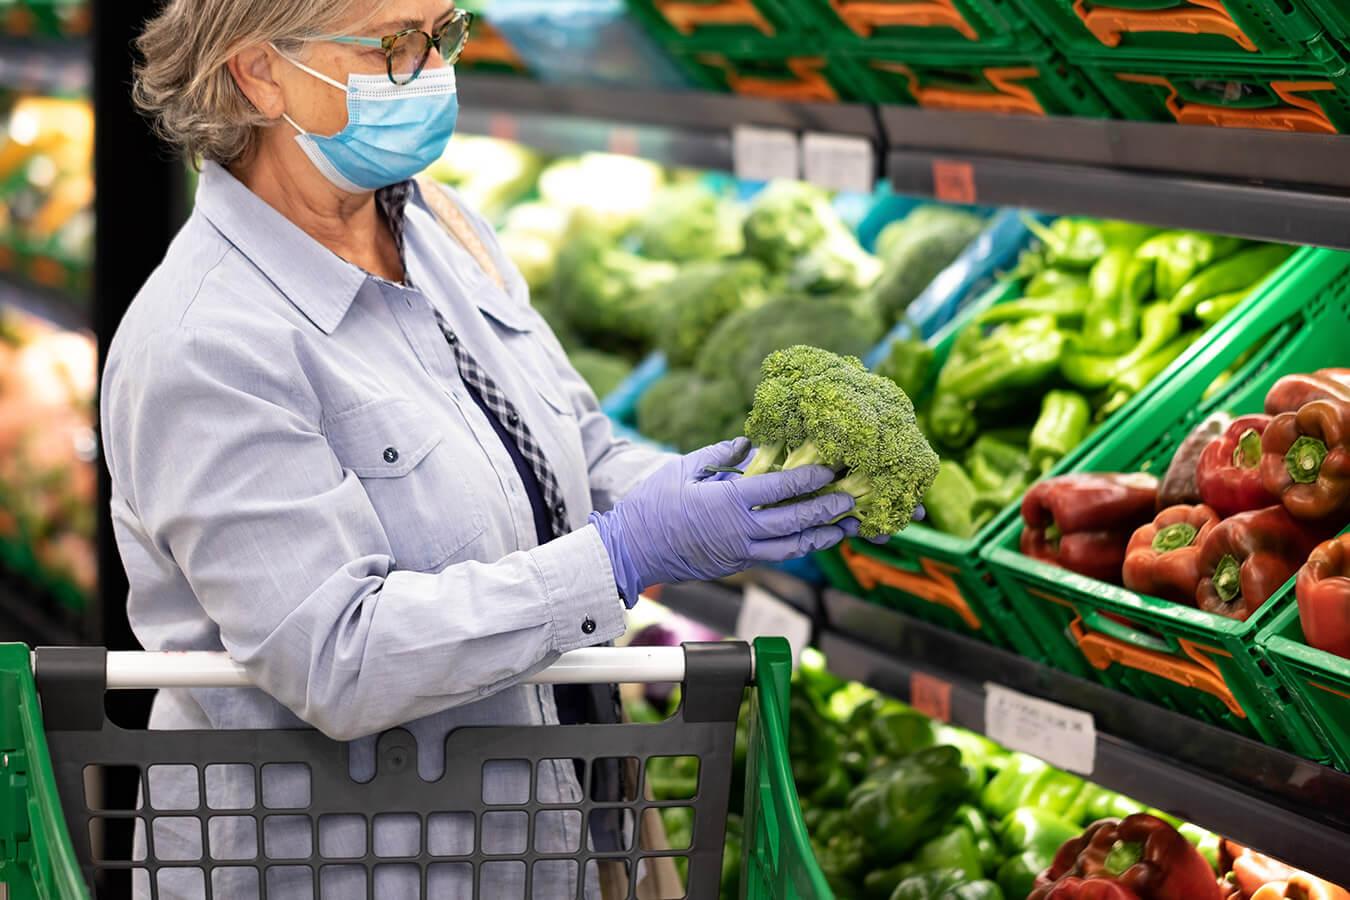 Czy pożółkły brokuł nadaje się do jedzenia? Kiedy brokuł jest zepsuty?